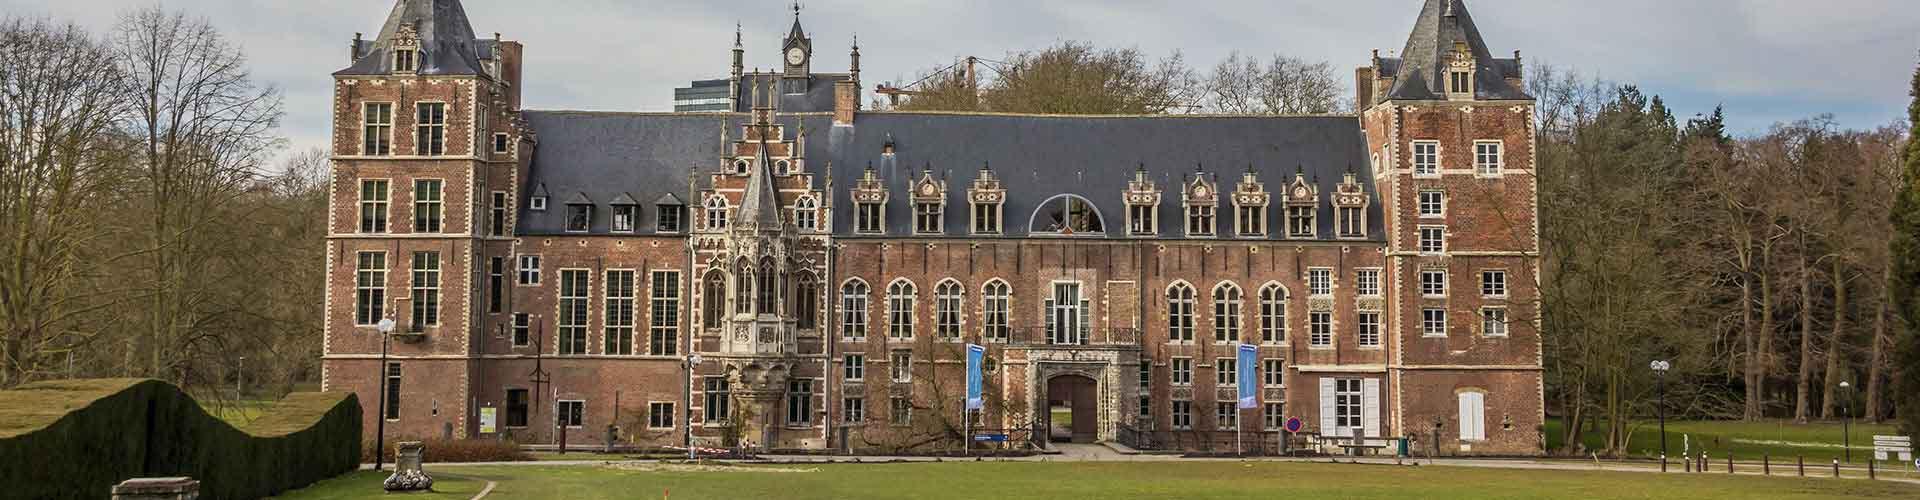 Leuven - Hôtels à Leuven. Cartes pour Leuven, photos et commentaires pour chaque hôtel à Leuven.